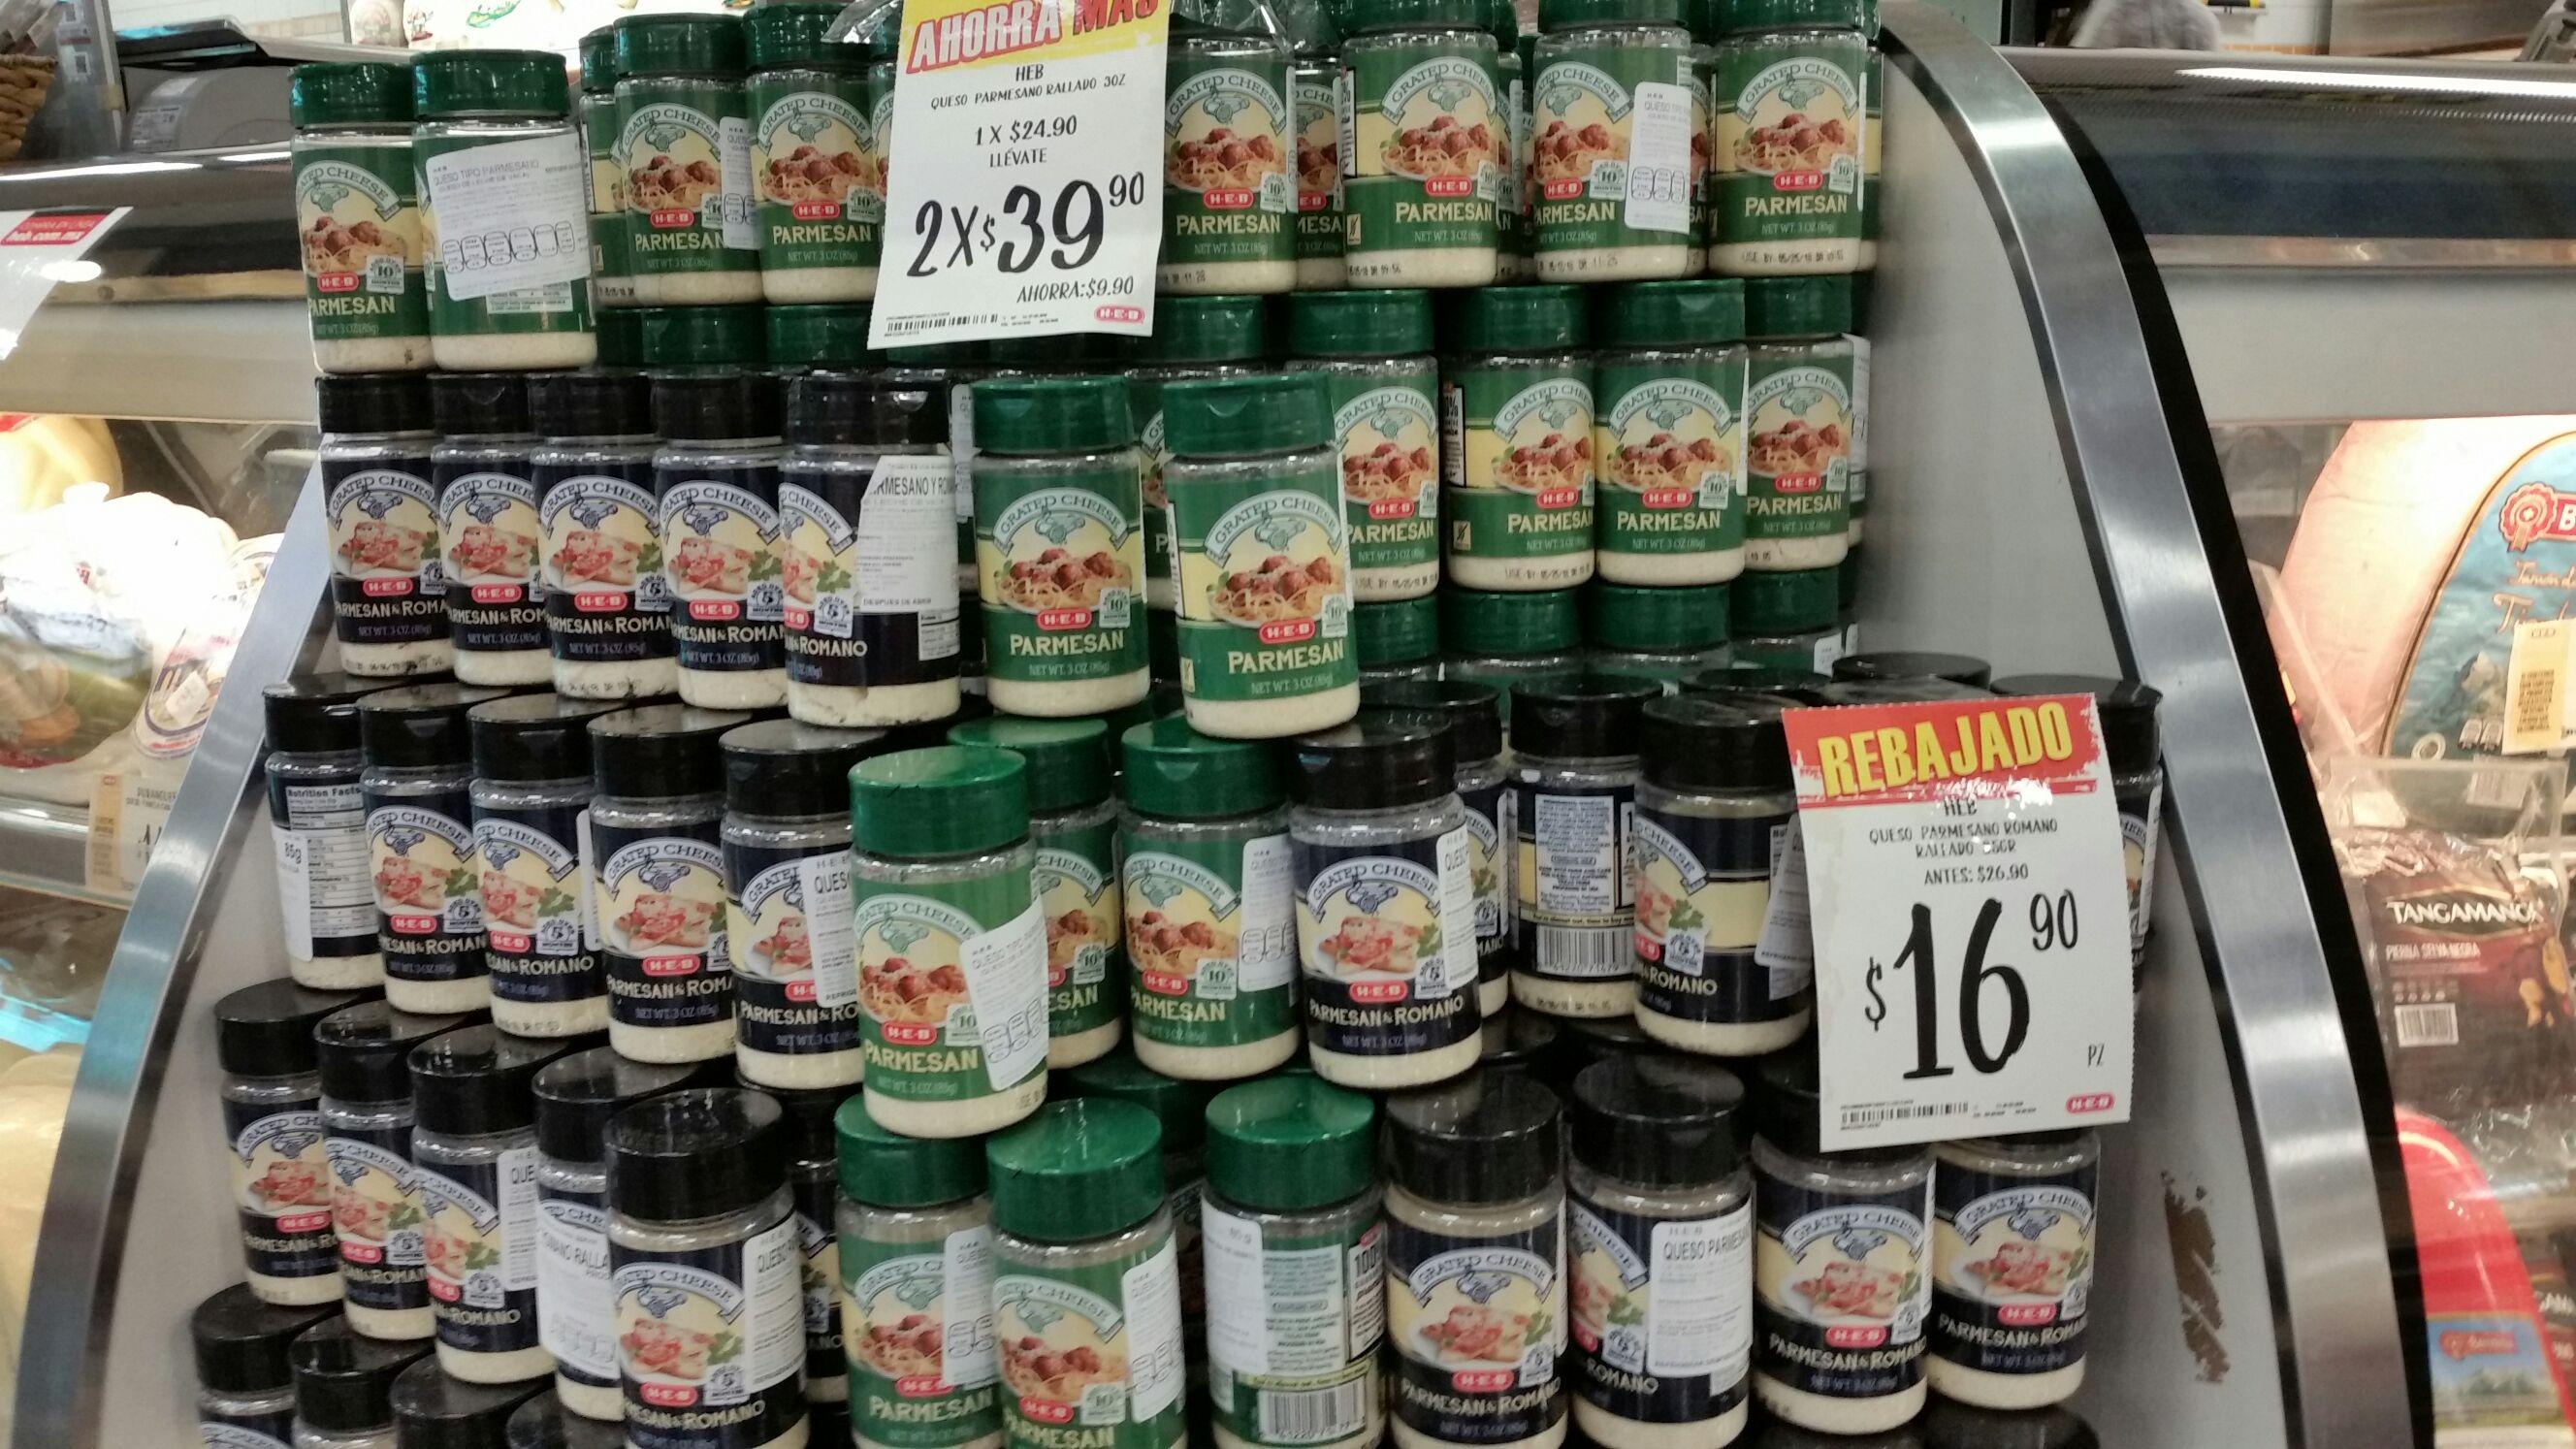 HEB: Queso Parmesano - Romano marca HEB de 85 grs.